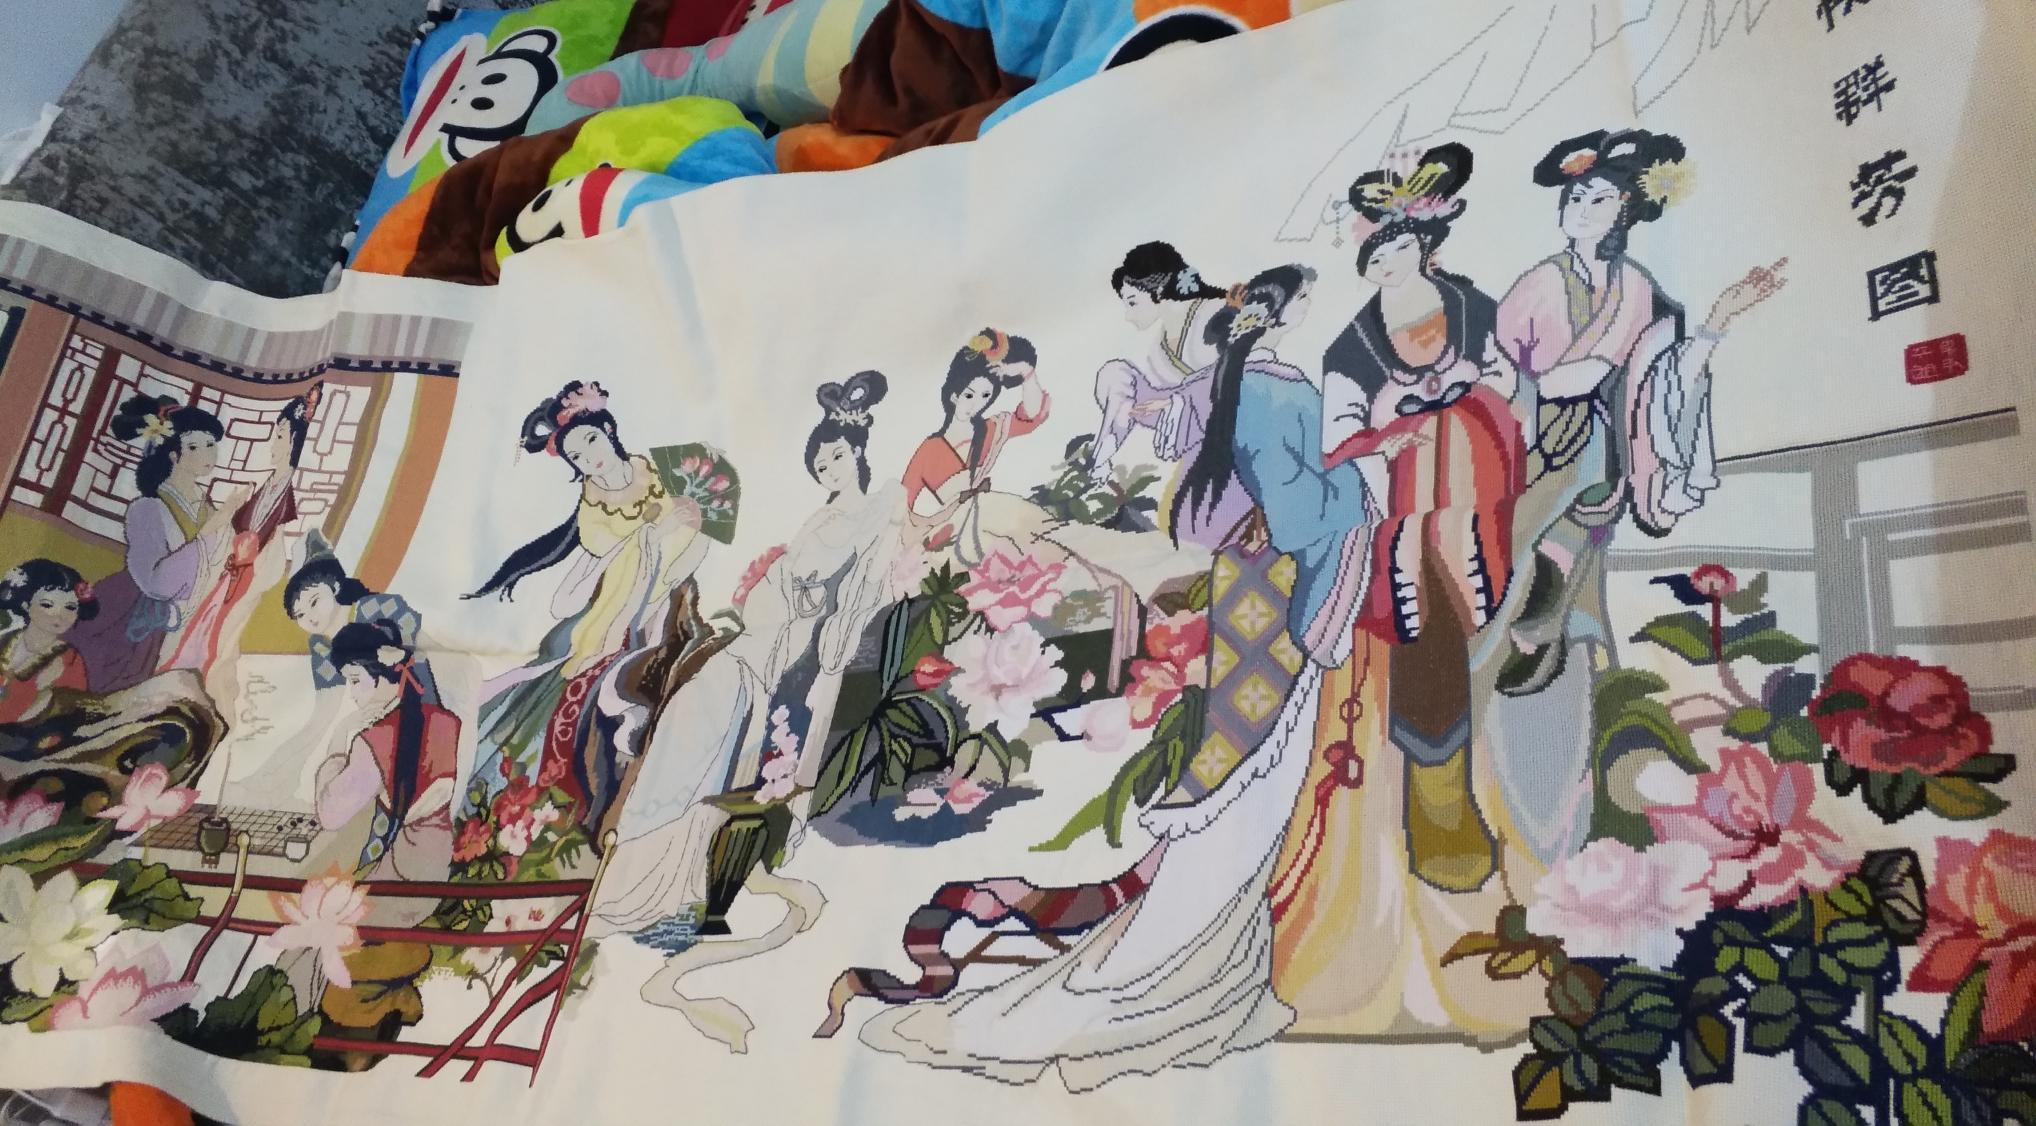 热卖绣好的十字绣成品纯手工客厅琴棋书画仕女图十二金钗出售八大美女